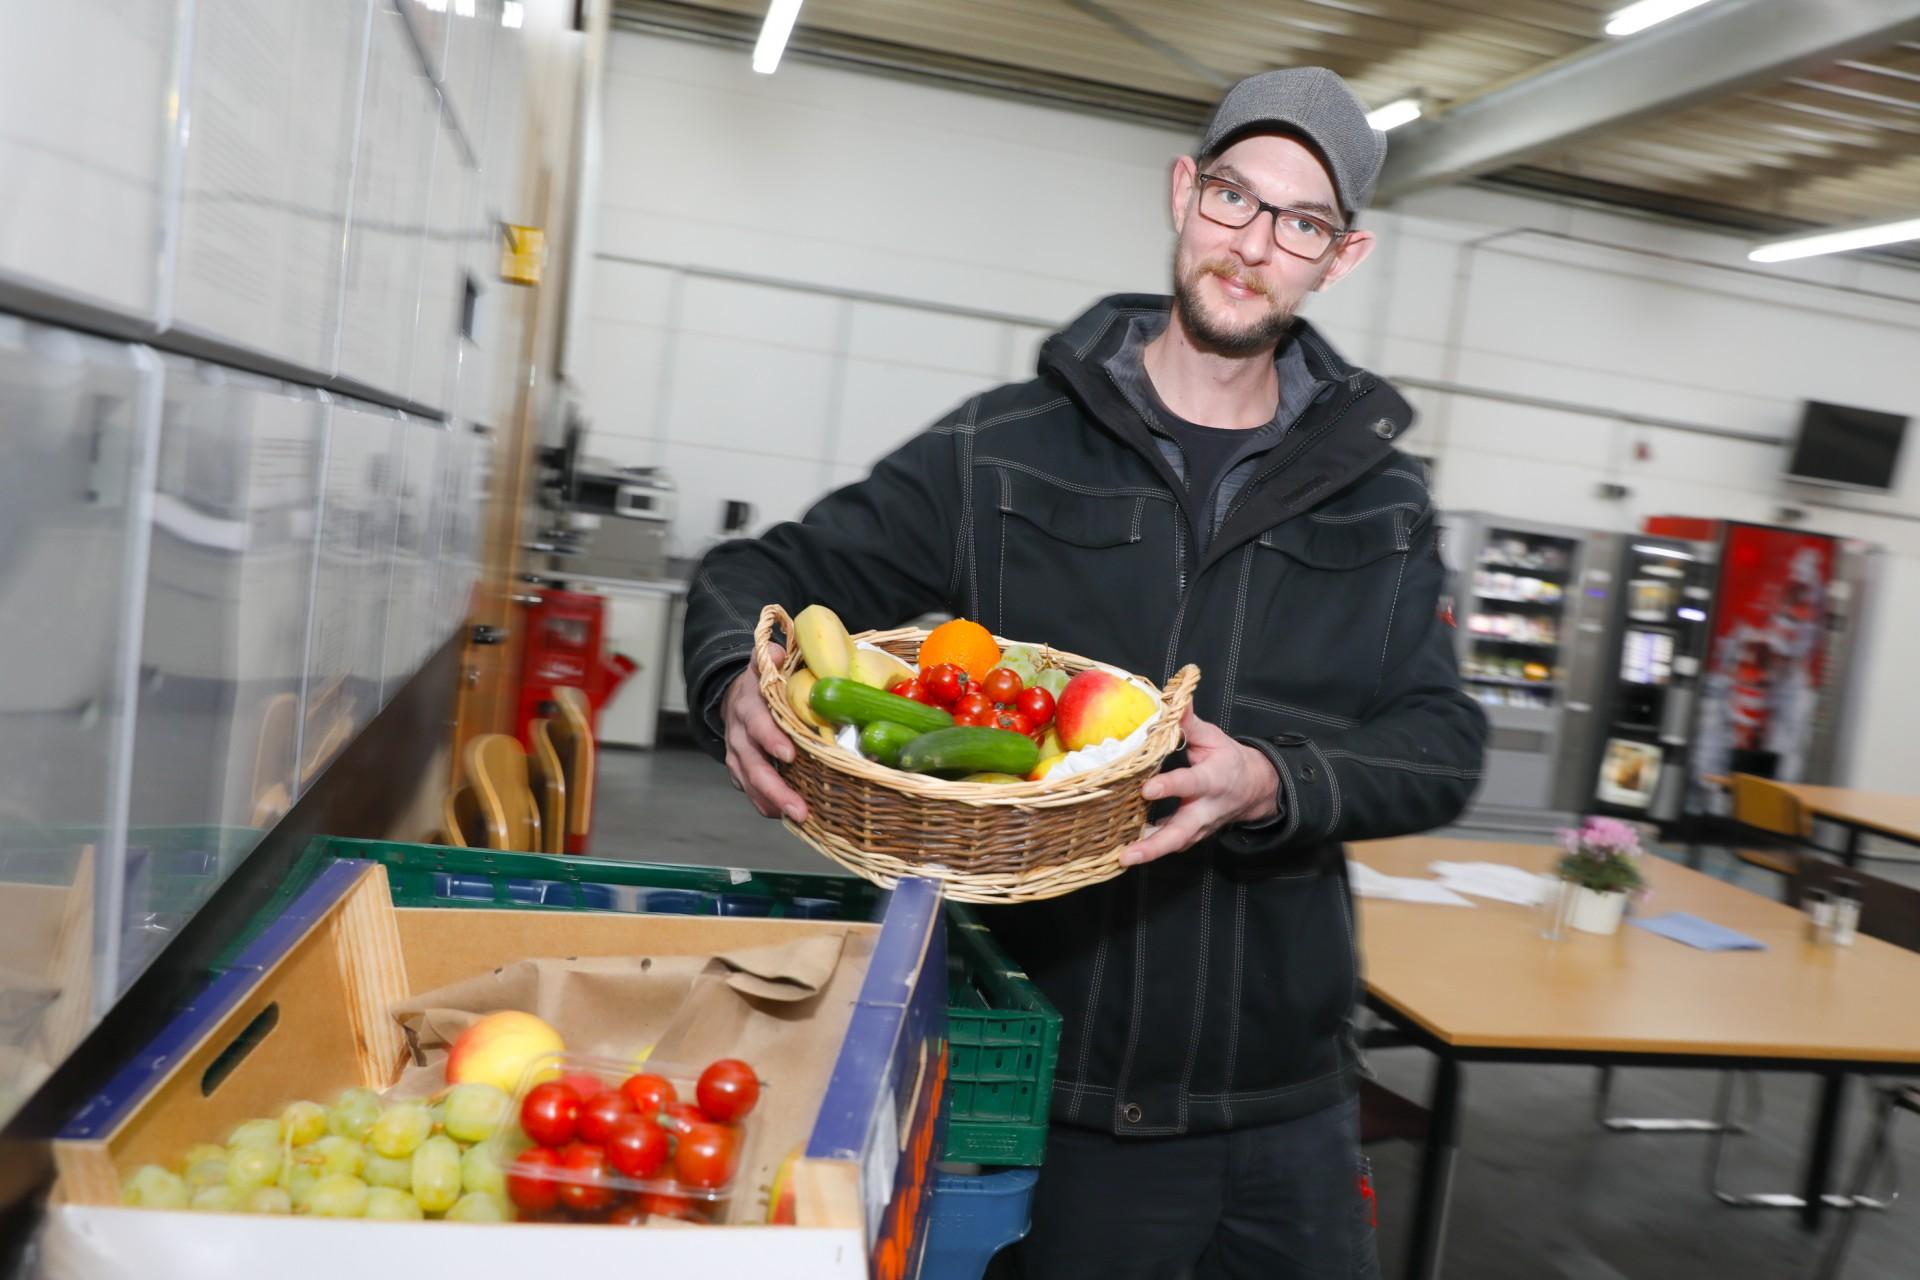 Unternehmen Familie Dücker Group - ein Mitarbeiter trägt einen gut gefüllten Obstkorb